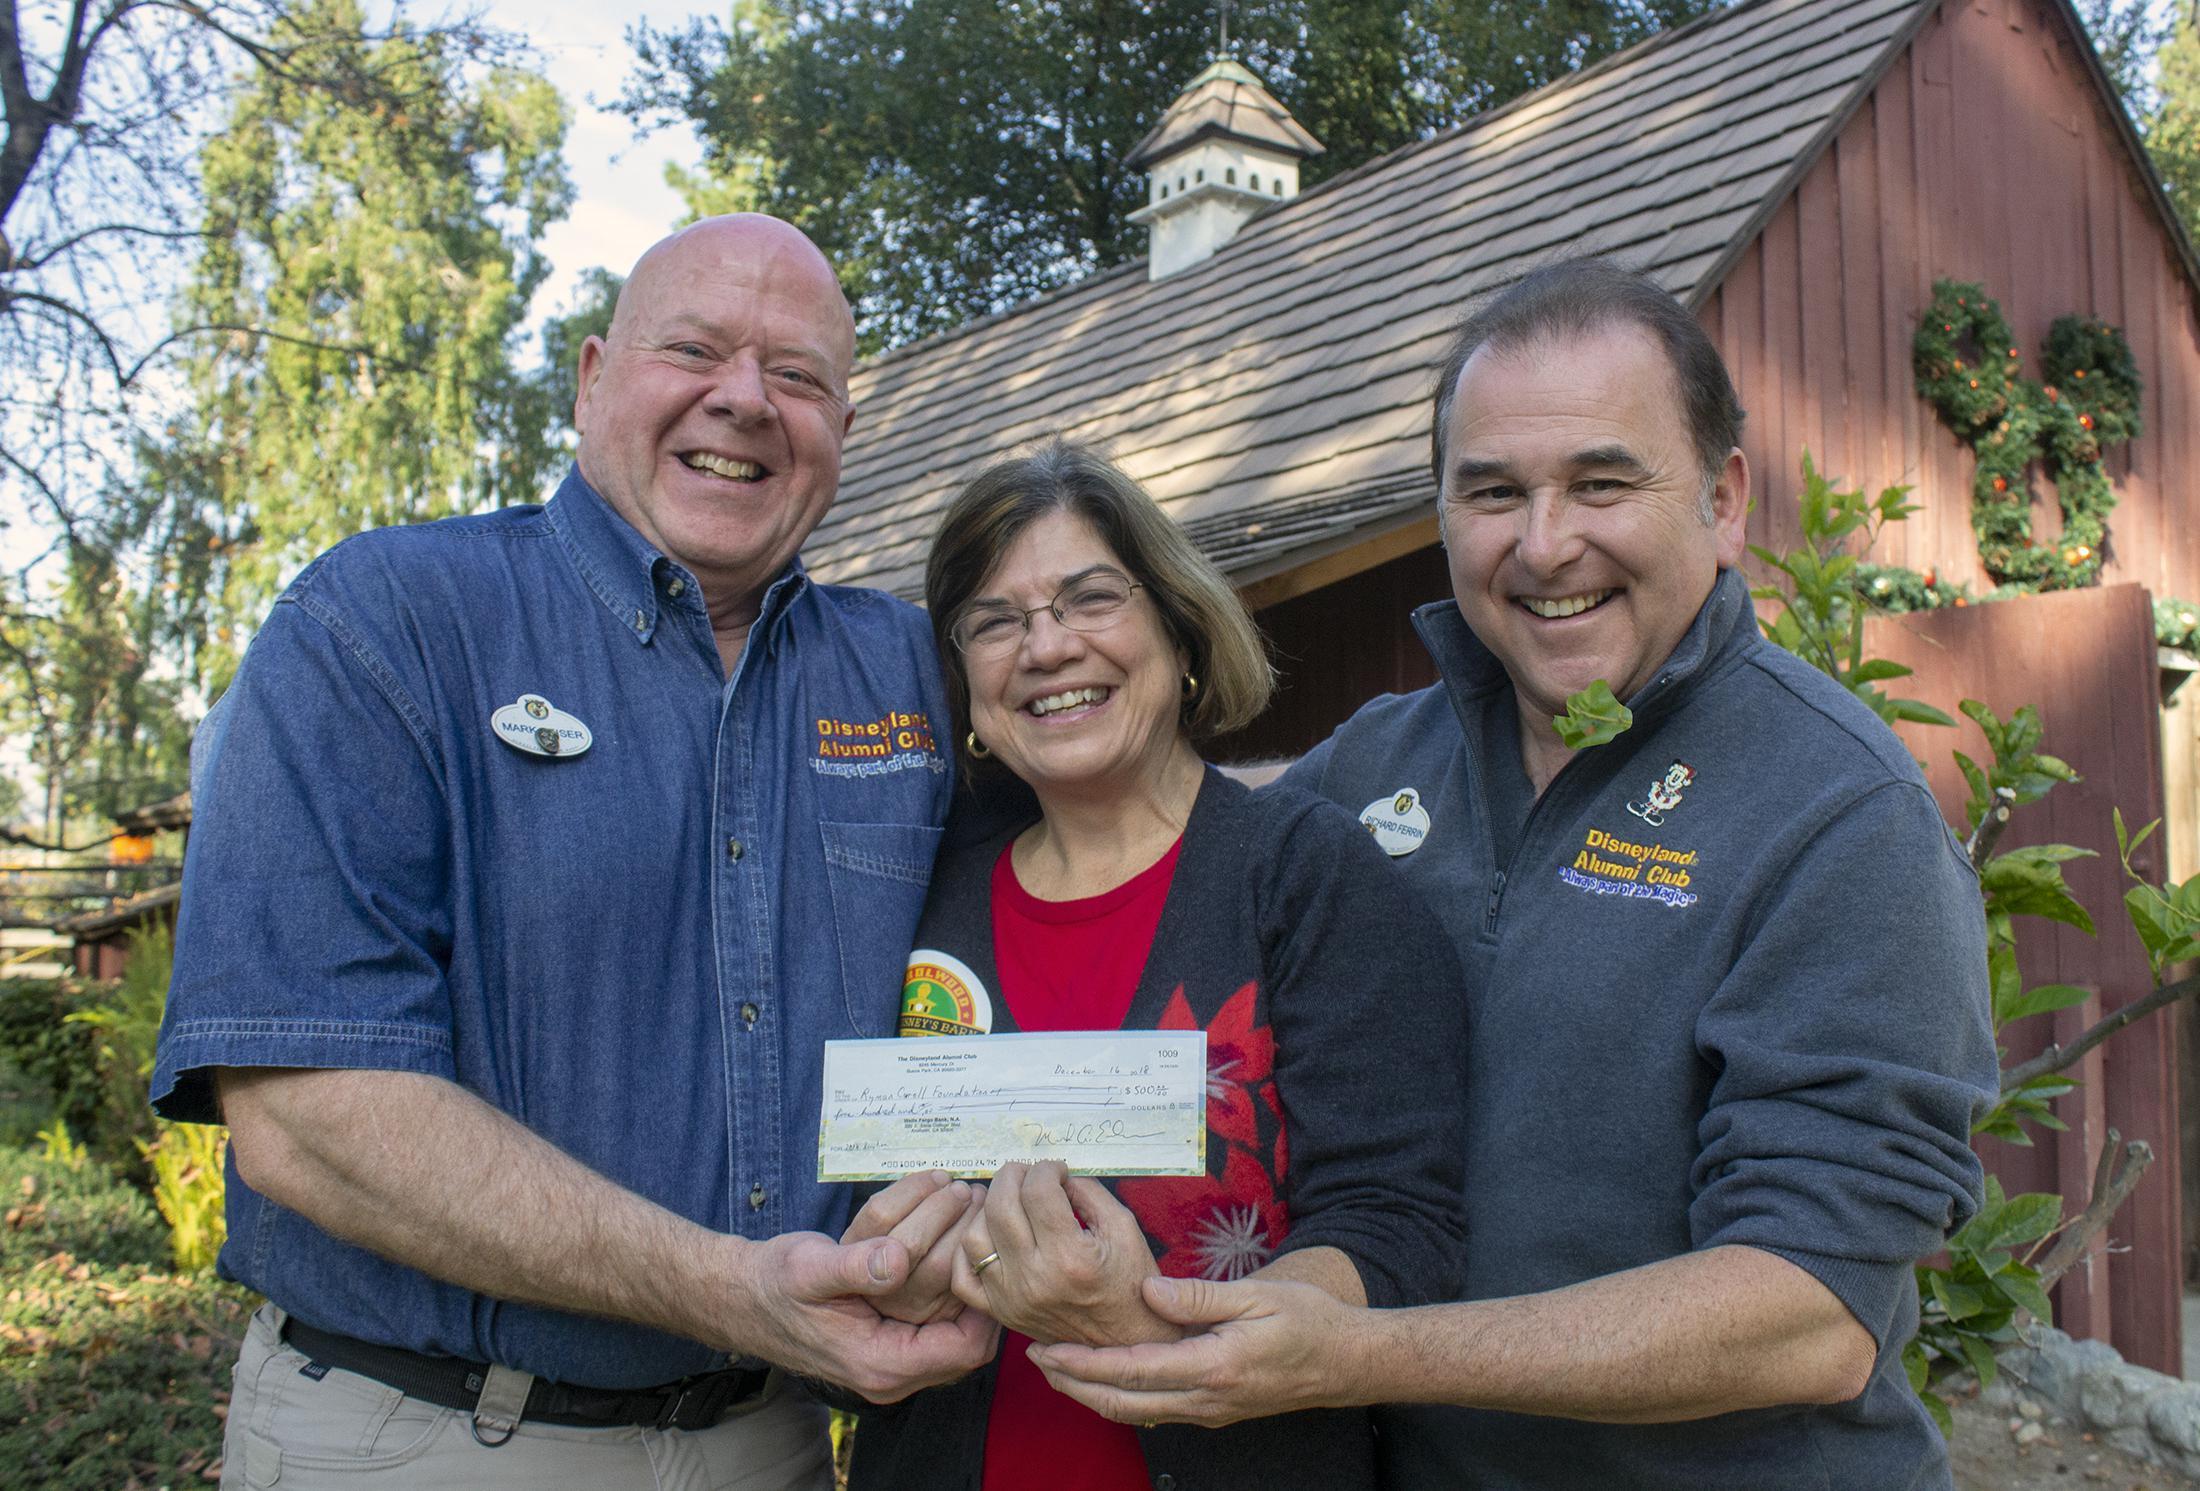 The Disneyland Alumni Club helps out Ryman Arts | Ryman Arts